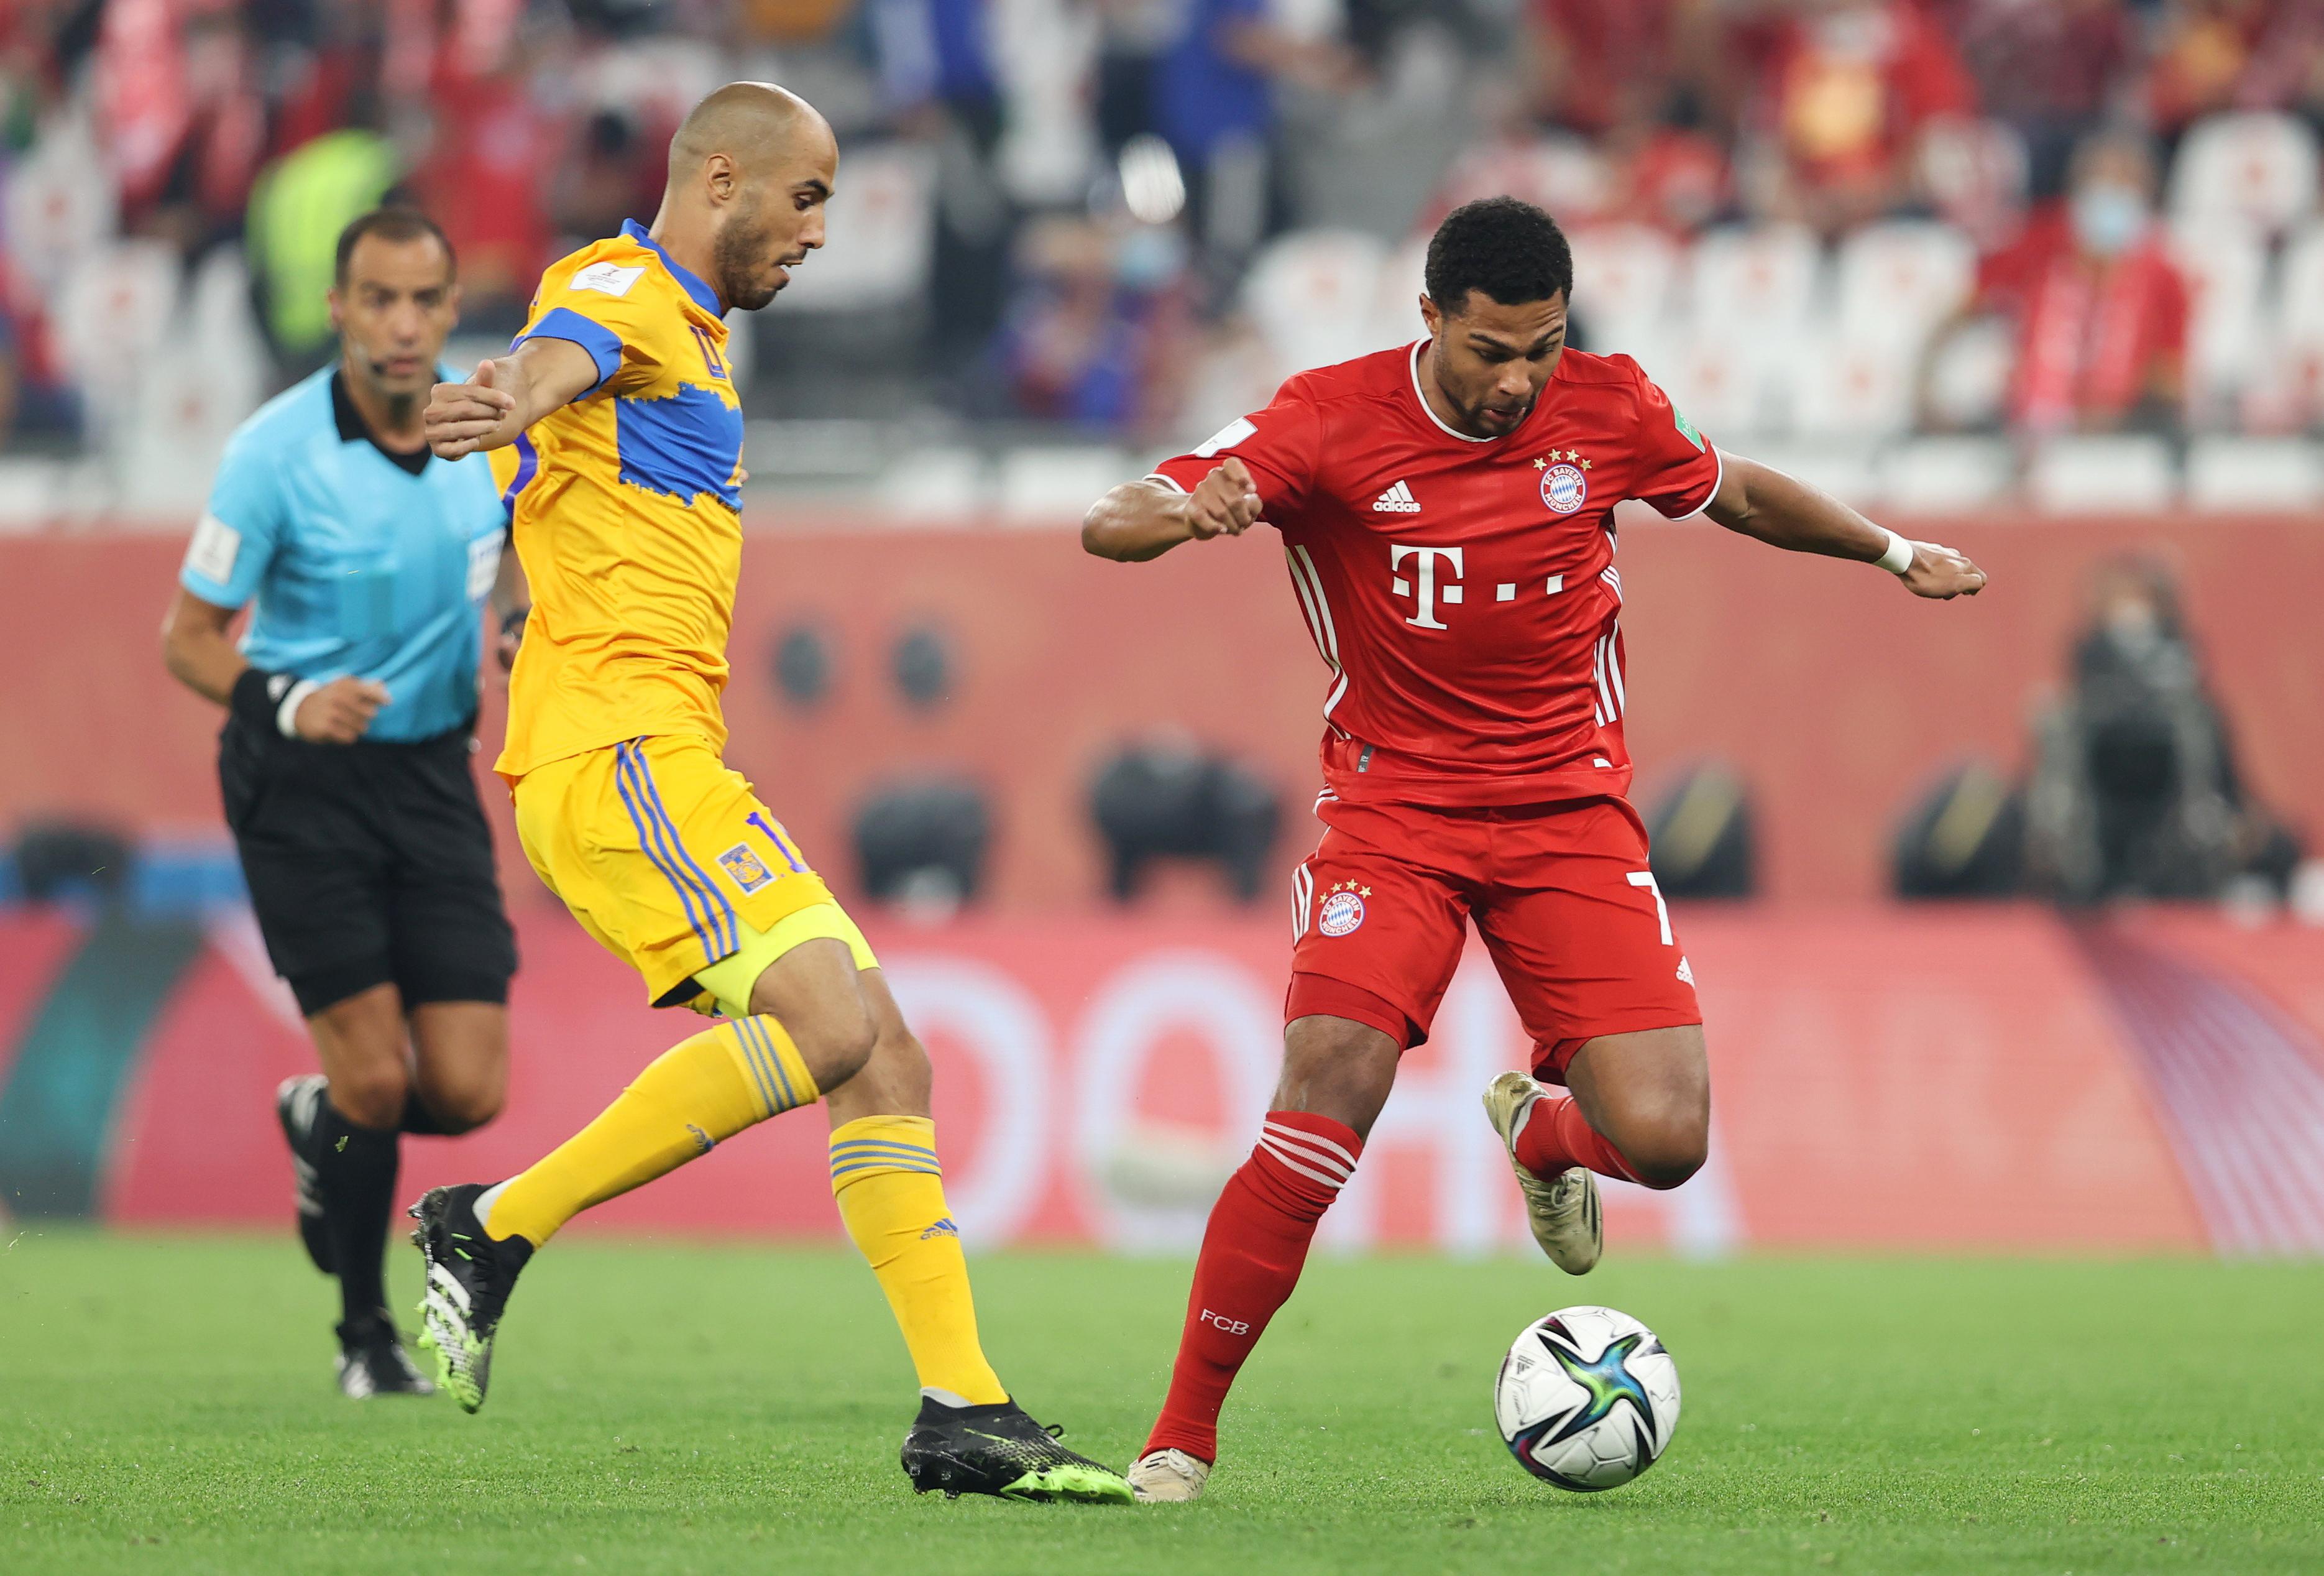 Serge Gnabry del Bayern Múnich en acción con Guido Pizarro de Tigres. Estadio Ciudad de la Educación en Rayán, Catar.